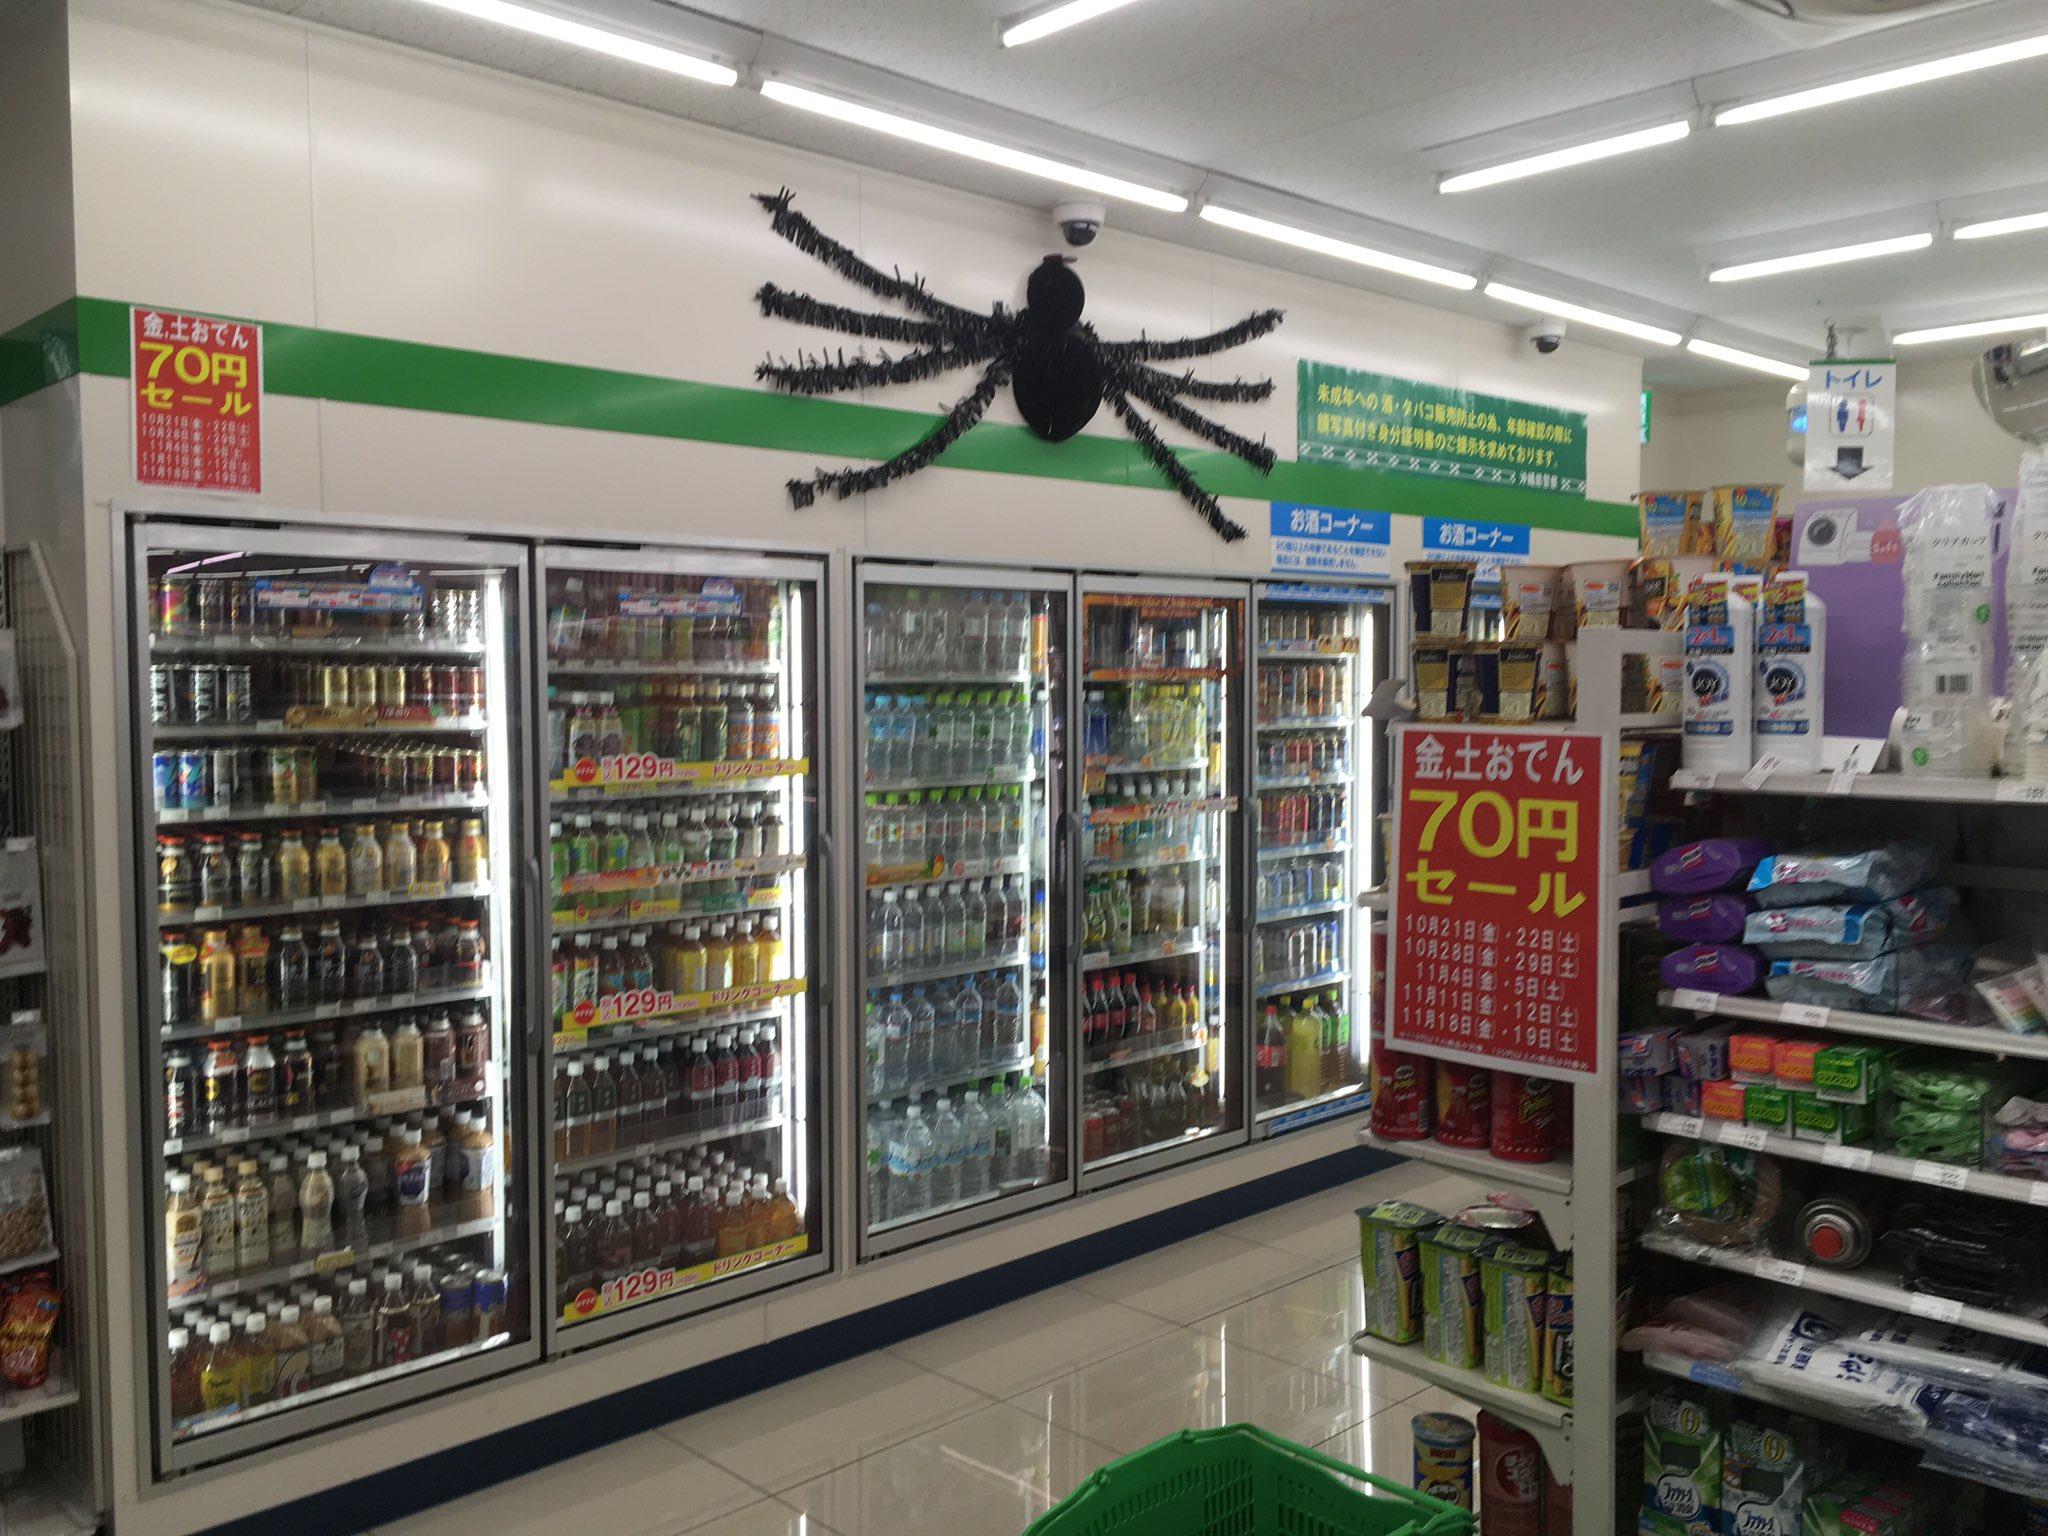 ハロウィンをクモの飾りだけで乗り切ろうとしているコンビニが笑えるww